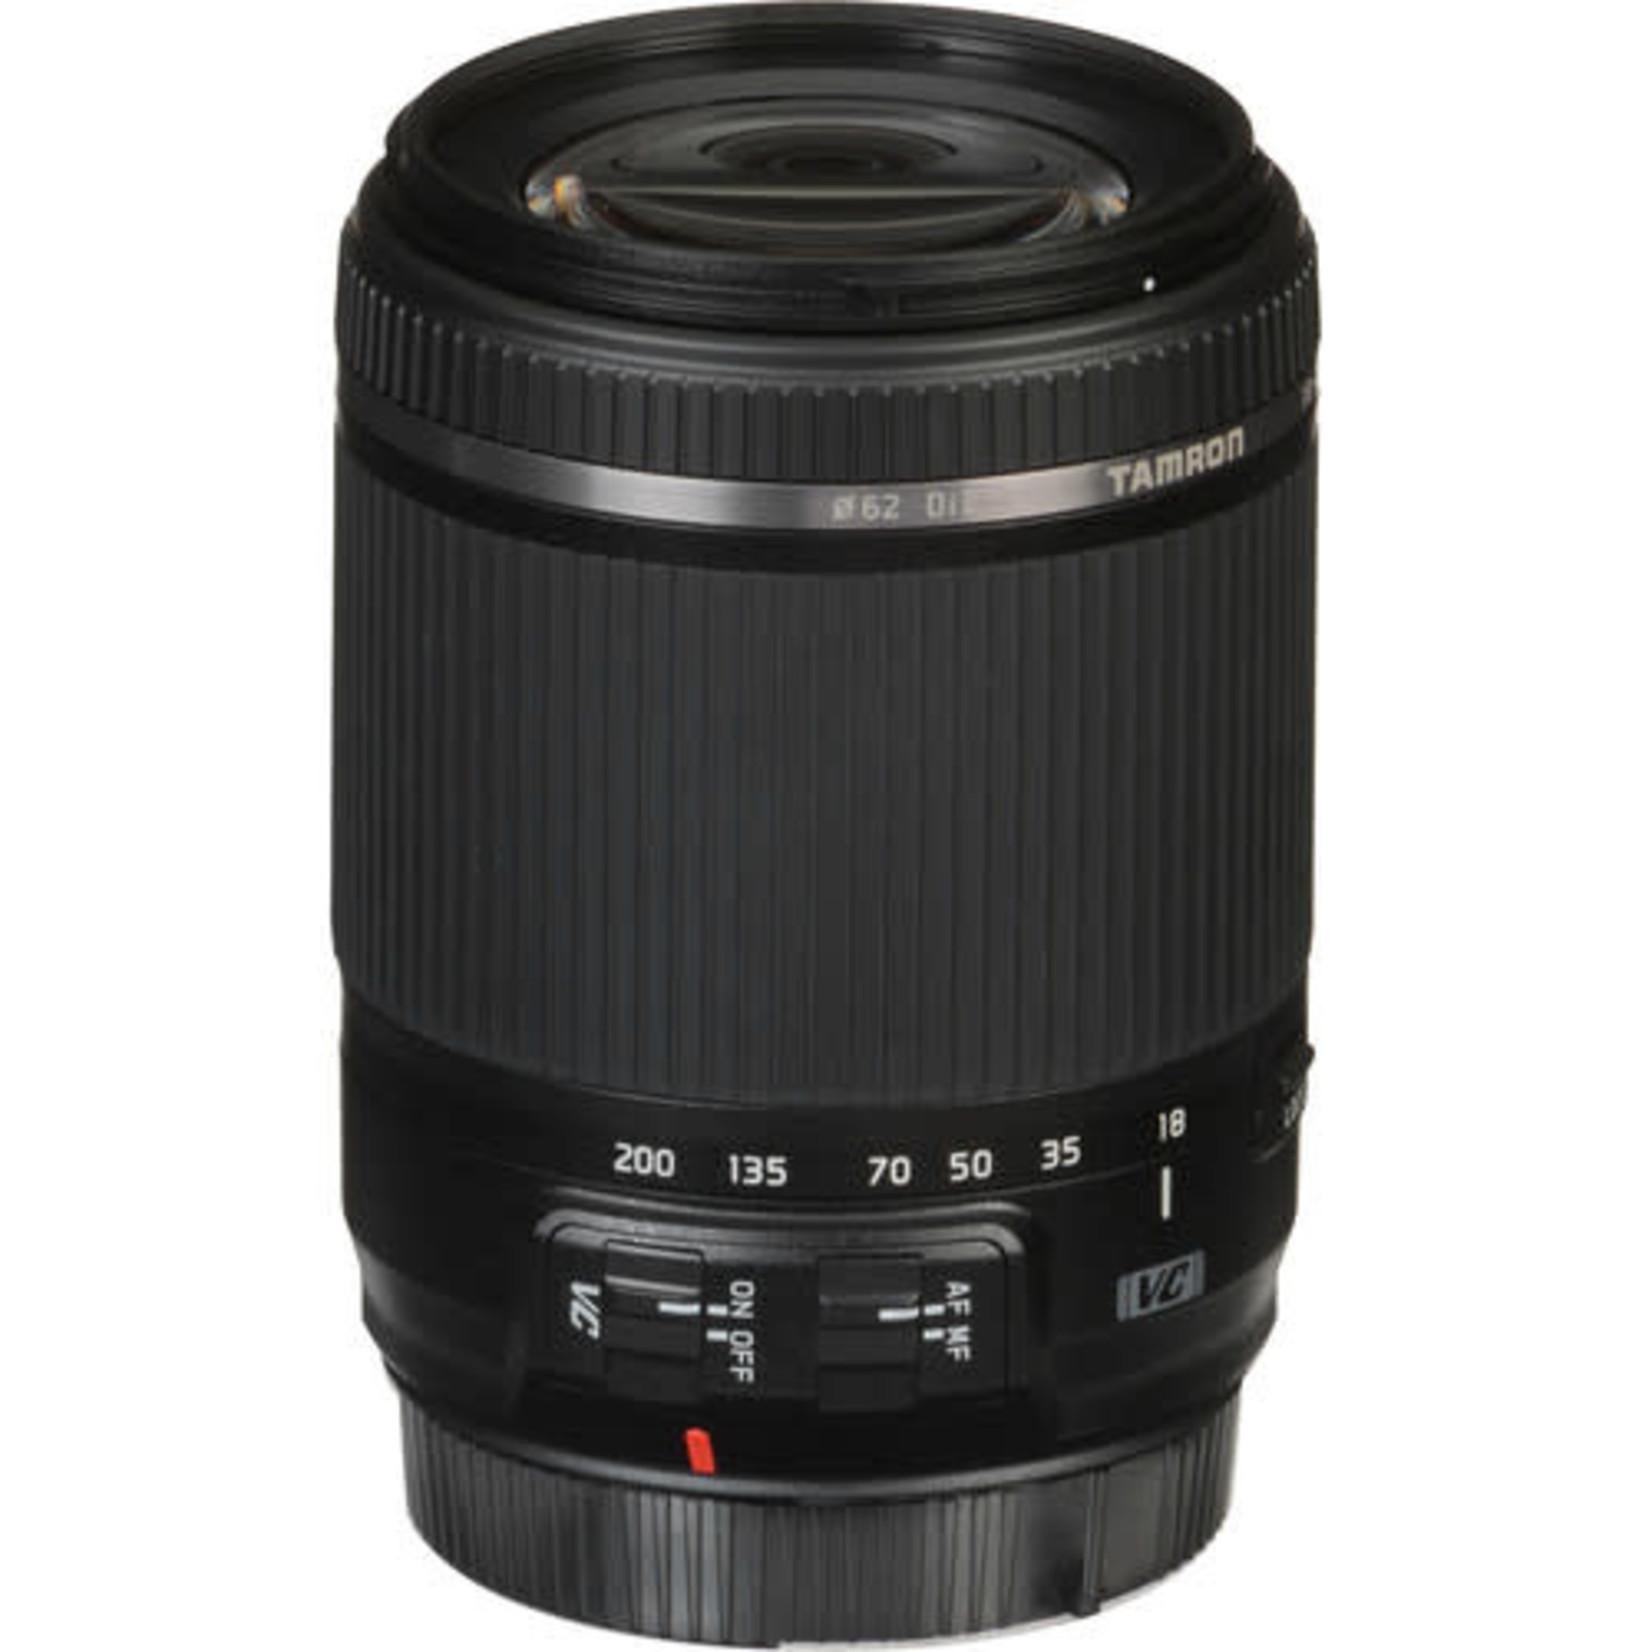 Tamron Tamron 18-200mm f/3.5-6.3 Di II VC Lens for Nikon F